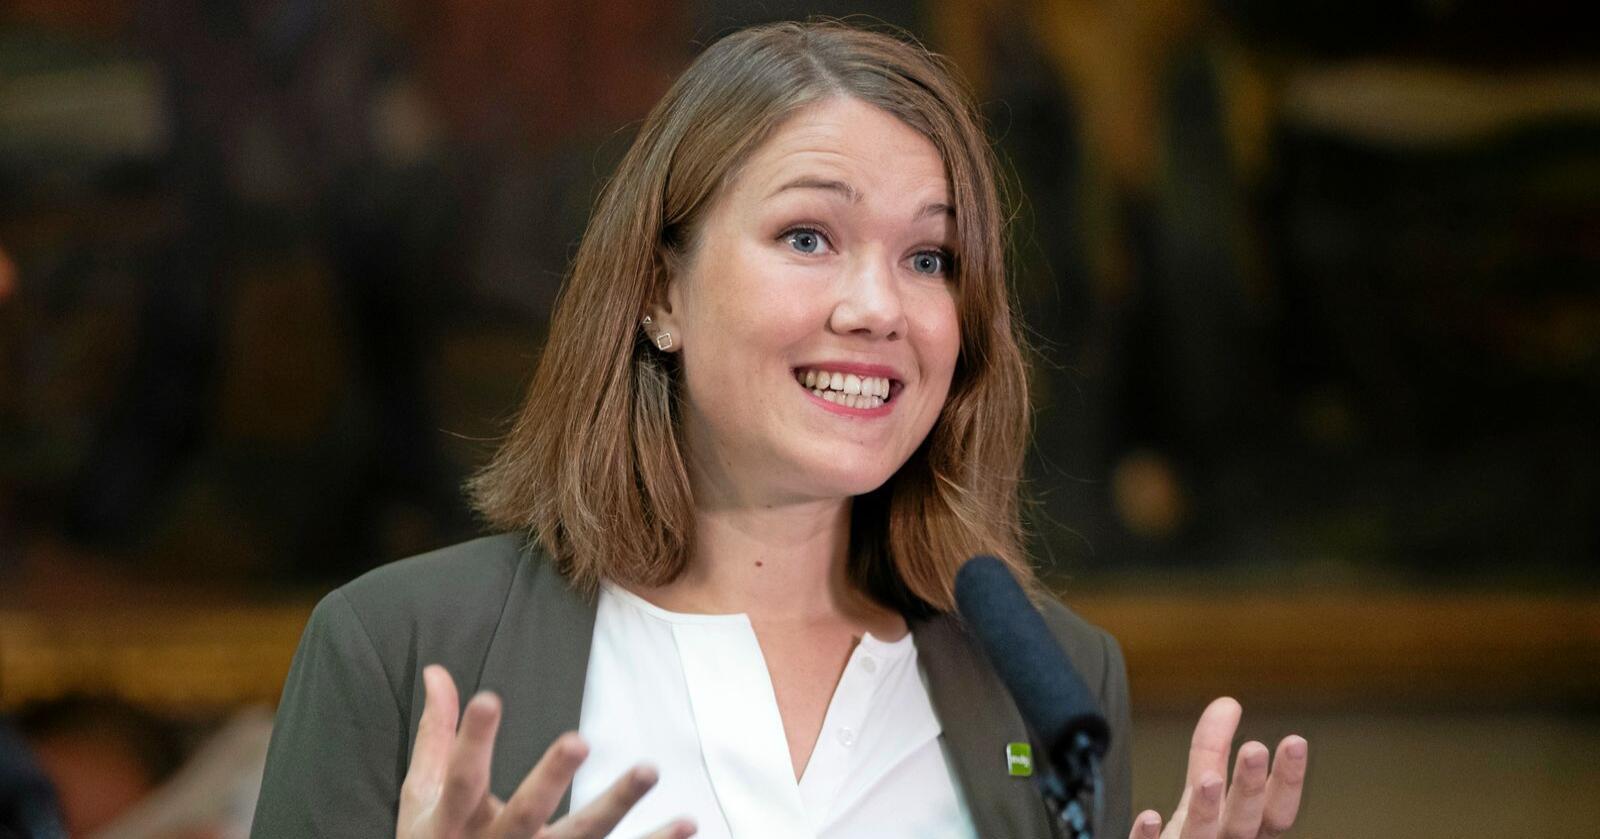 Misvisande: MDG-leiar Une Bastholm  bruker 5107 teikn, inkludert mellomrom, på å vere misvisande om klimapolitikken til regjeringa, skriv miljø- og klimaminister Sveinung Rotevatn (V). Foto: Terje Pedersen / NTB